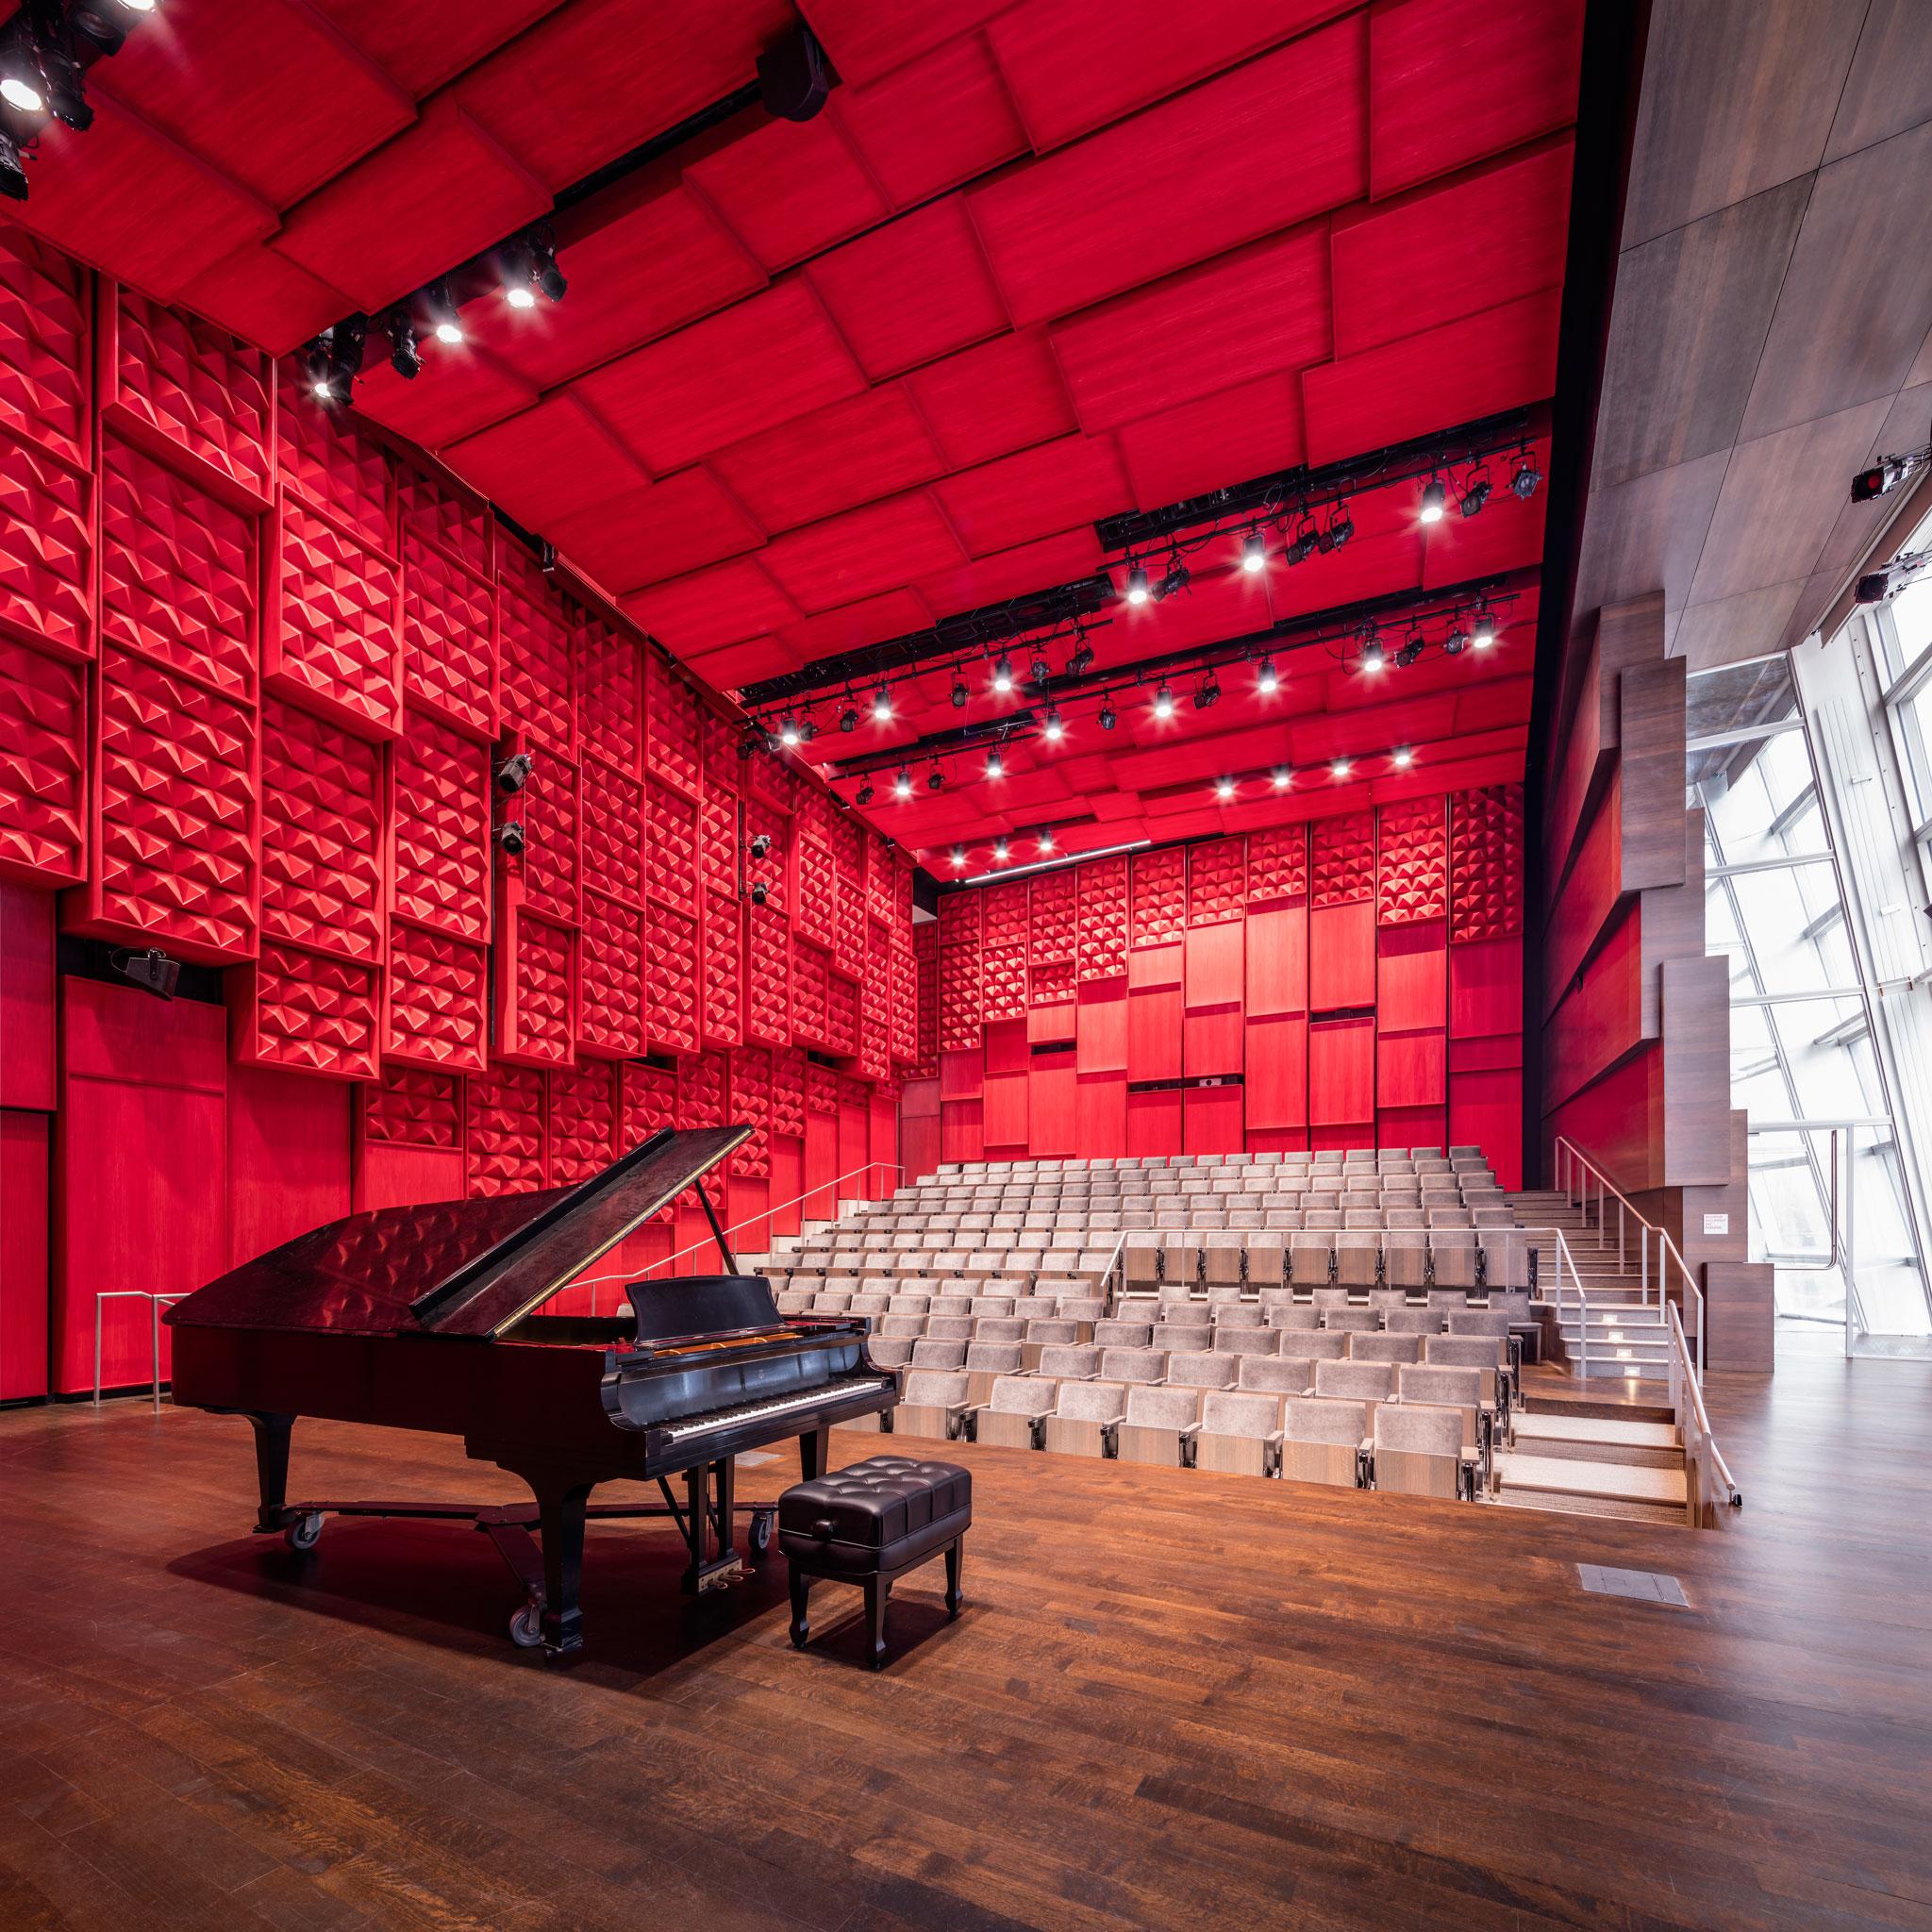 Sala de recitales. Edificio de Música Voxman en la Universidad de Iowa por LMN Architects. Fotografía por Tim Griffith